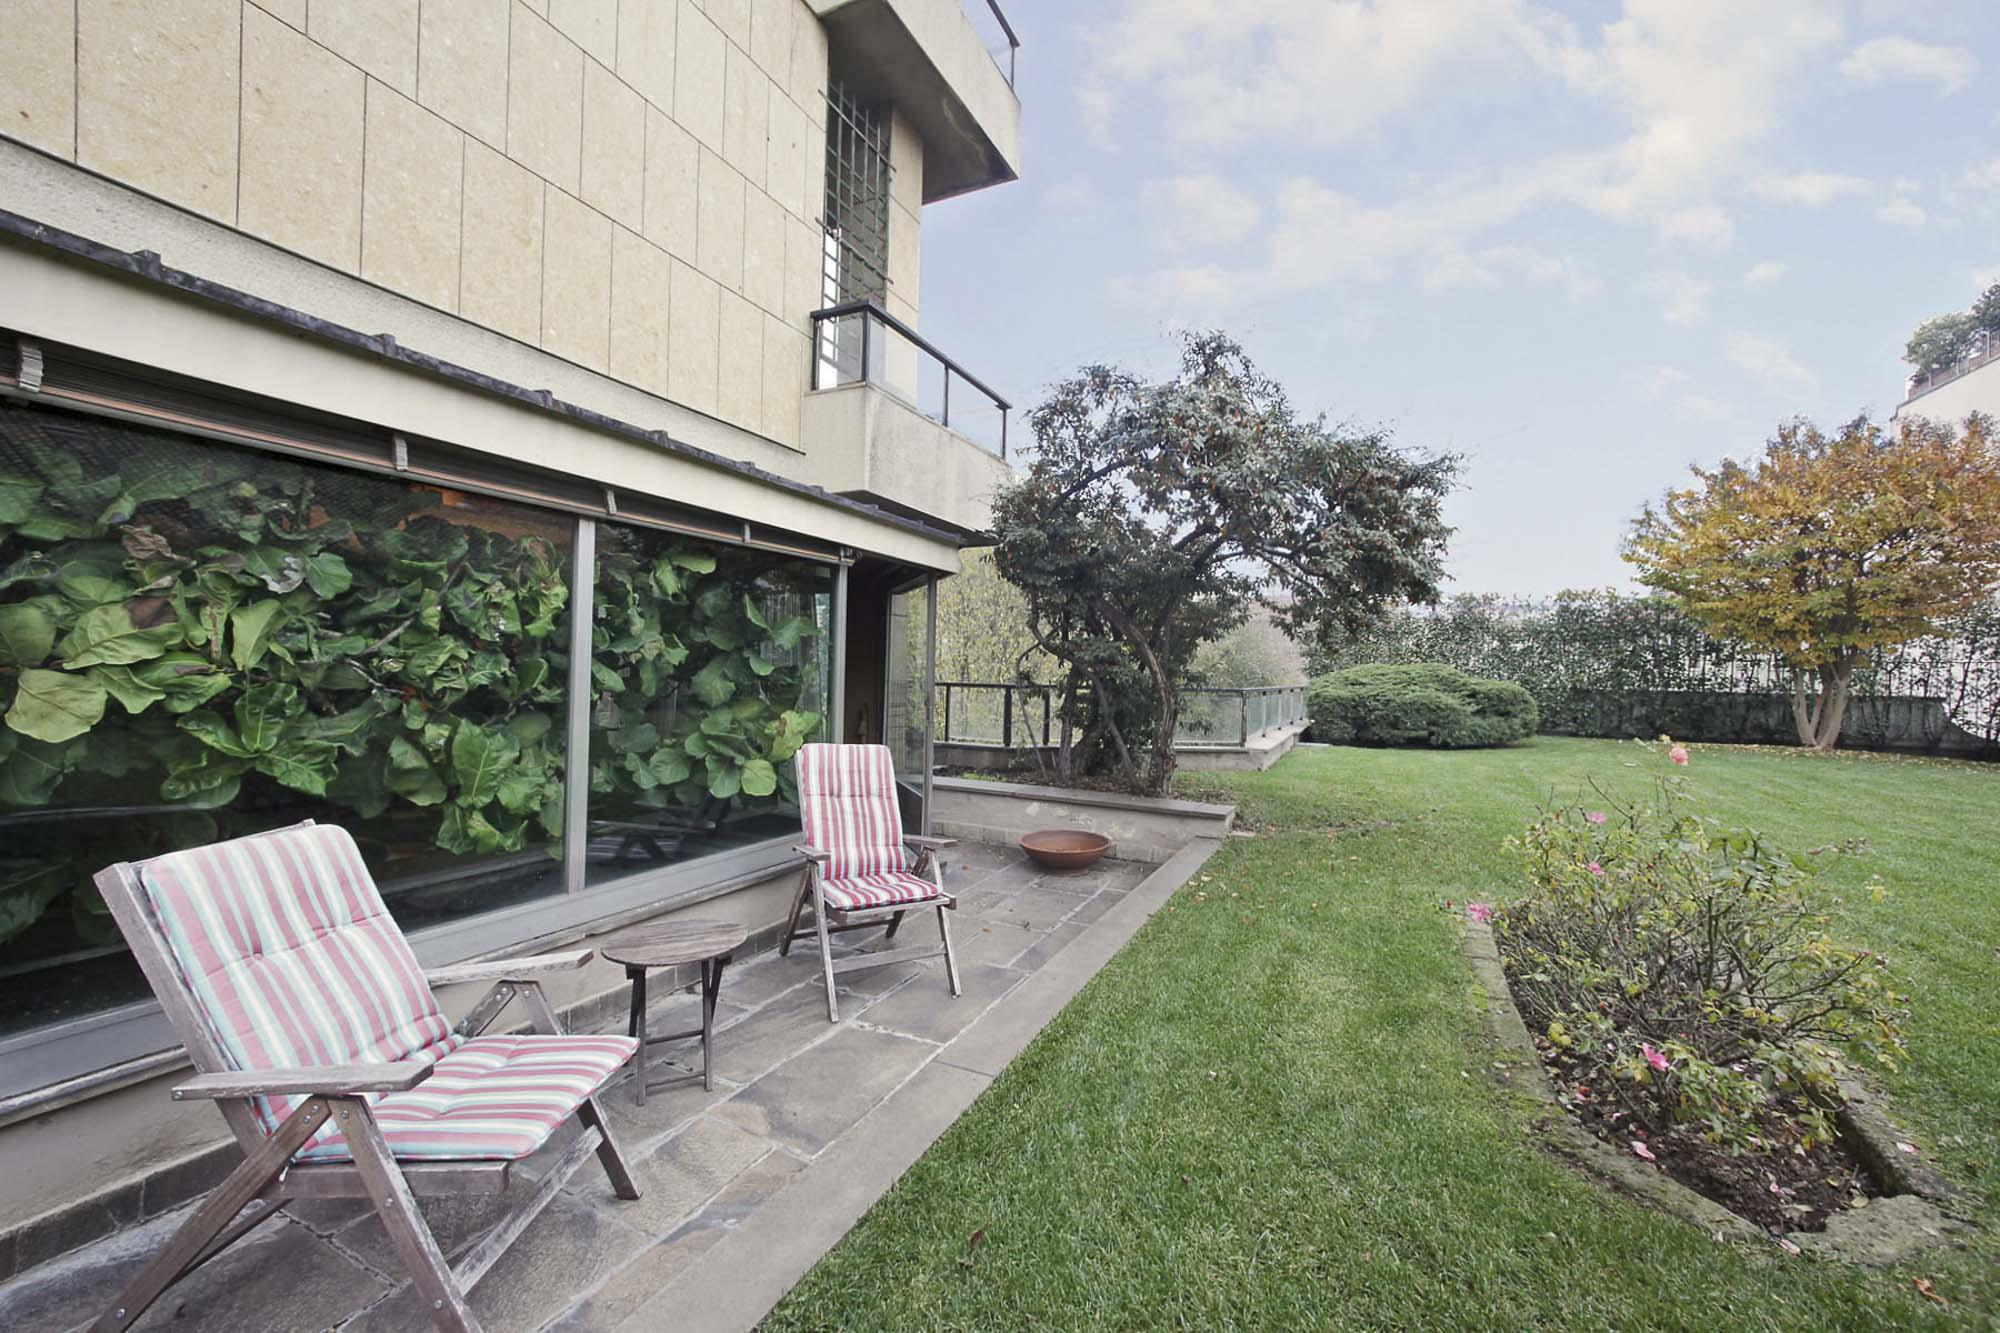 Immobili di lusso milano moro real estate property - Immobili di lusso definizione ...